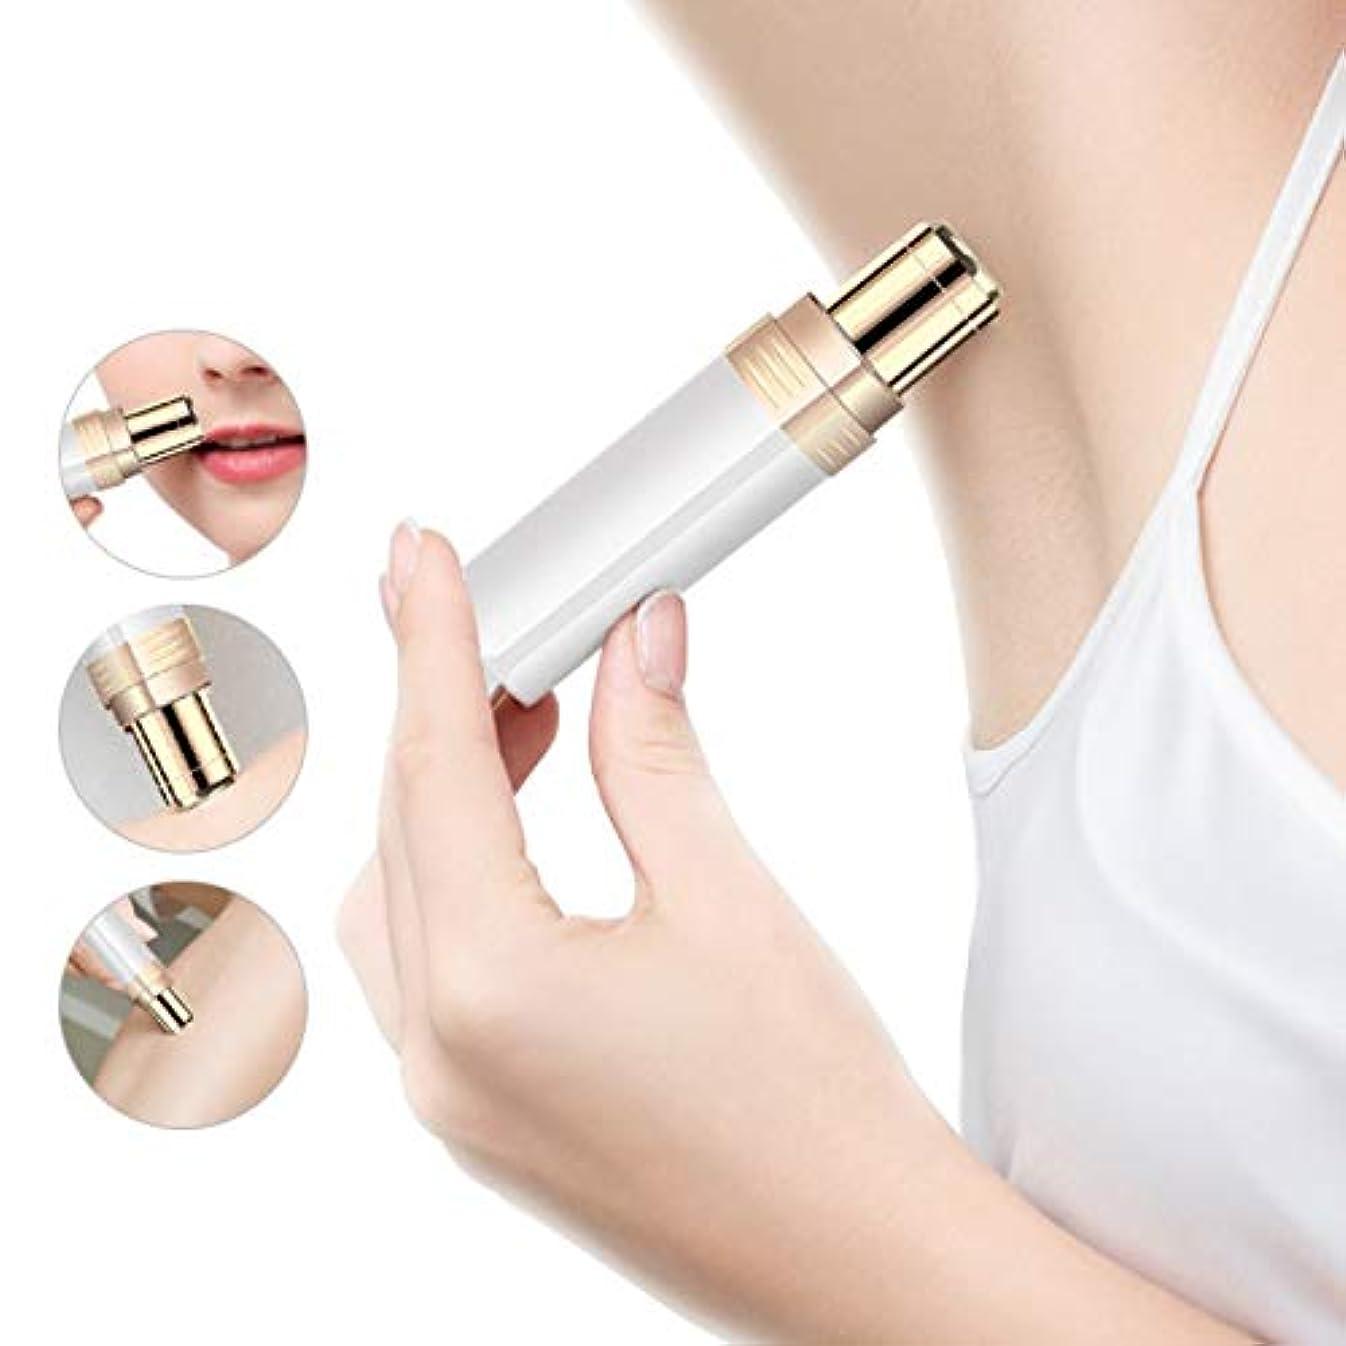 先例シガレット追加女性の脱毛、女性の顔、あご、手、脇の下、脚、ビキニ用の防水フェイストリマー痛みのない口紅シェーバー